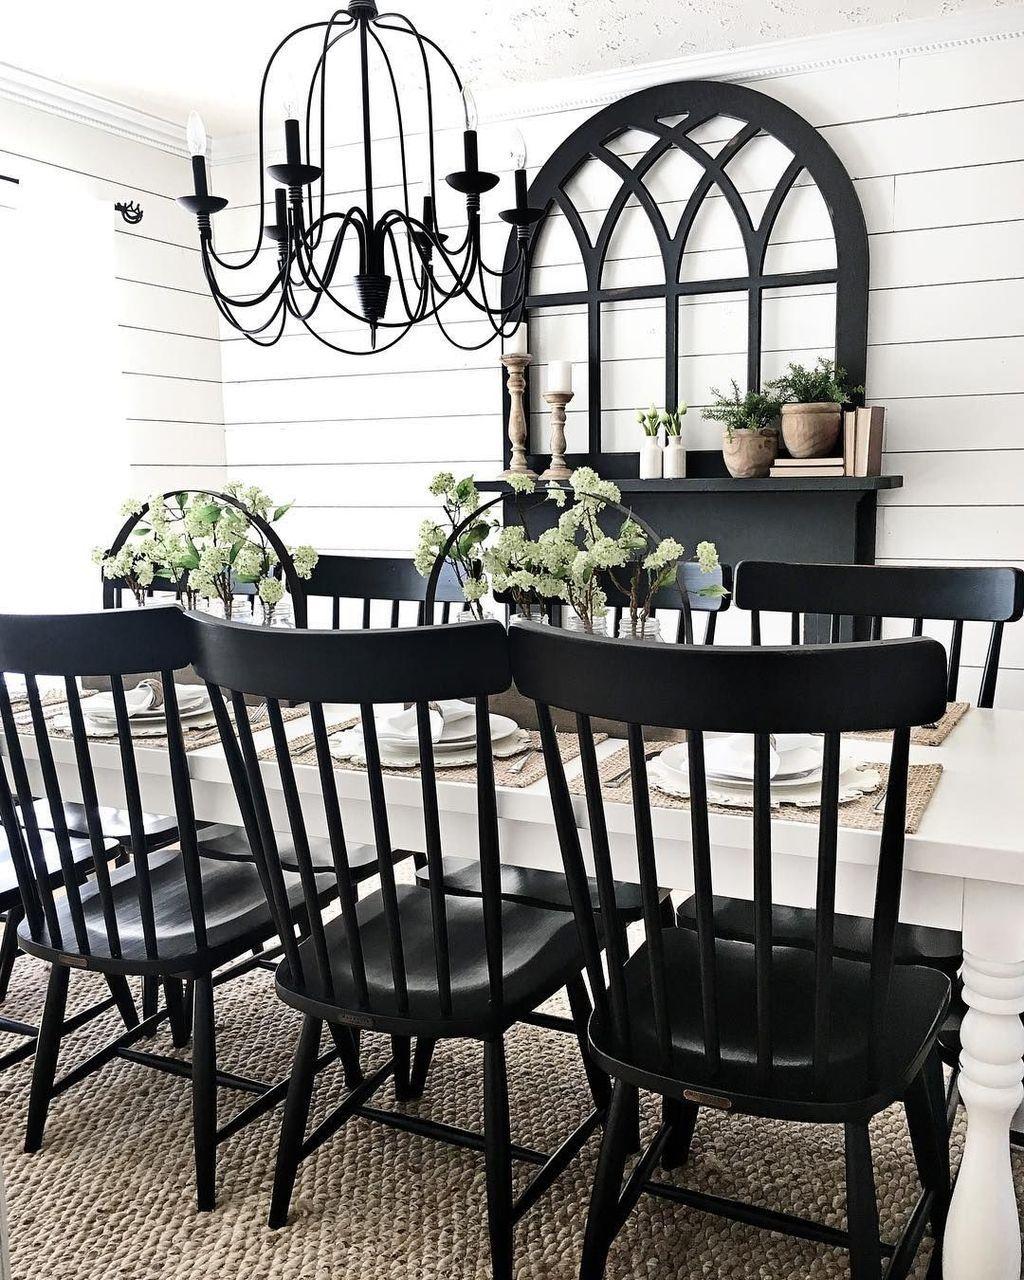 Kleine speisesaalideen modern  impressive black window frames ideas  gemütlich schön